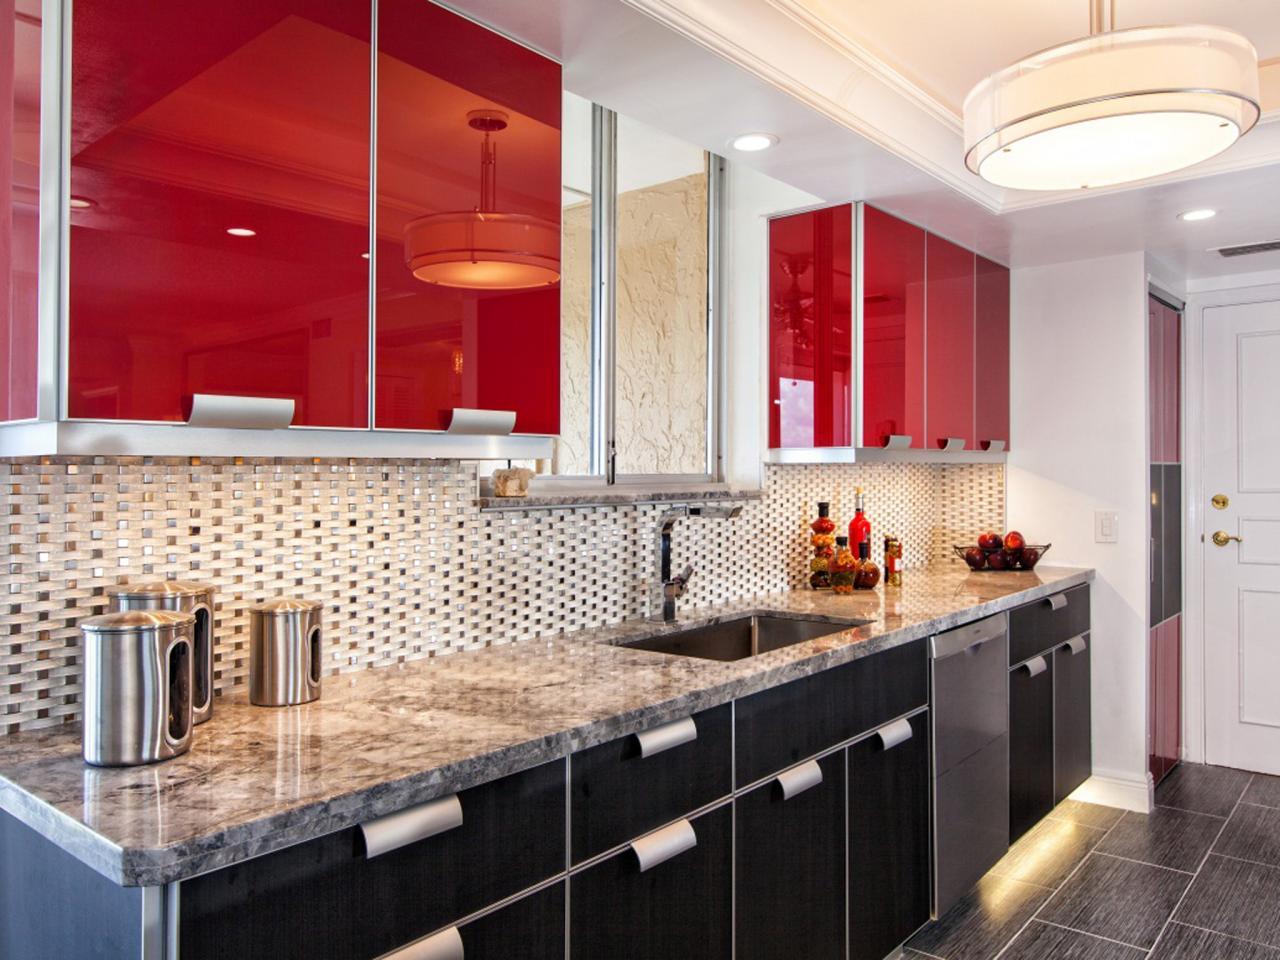 original_jill-vert-élégant-rouge-et-noir-armoires-de-cuisine-argent-dosseret-jpg-rend-hgtvcom-1280-960